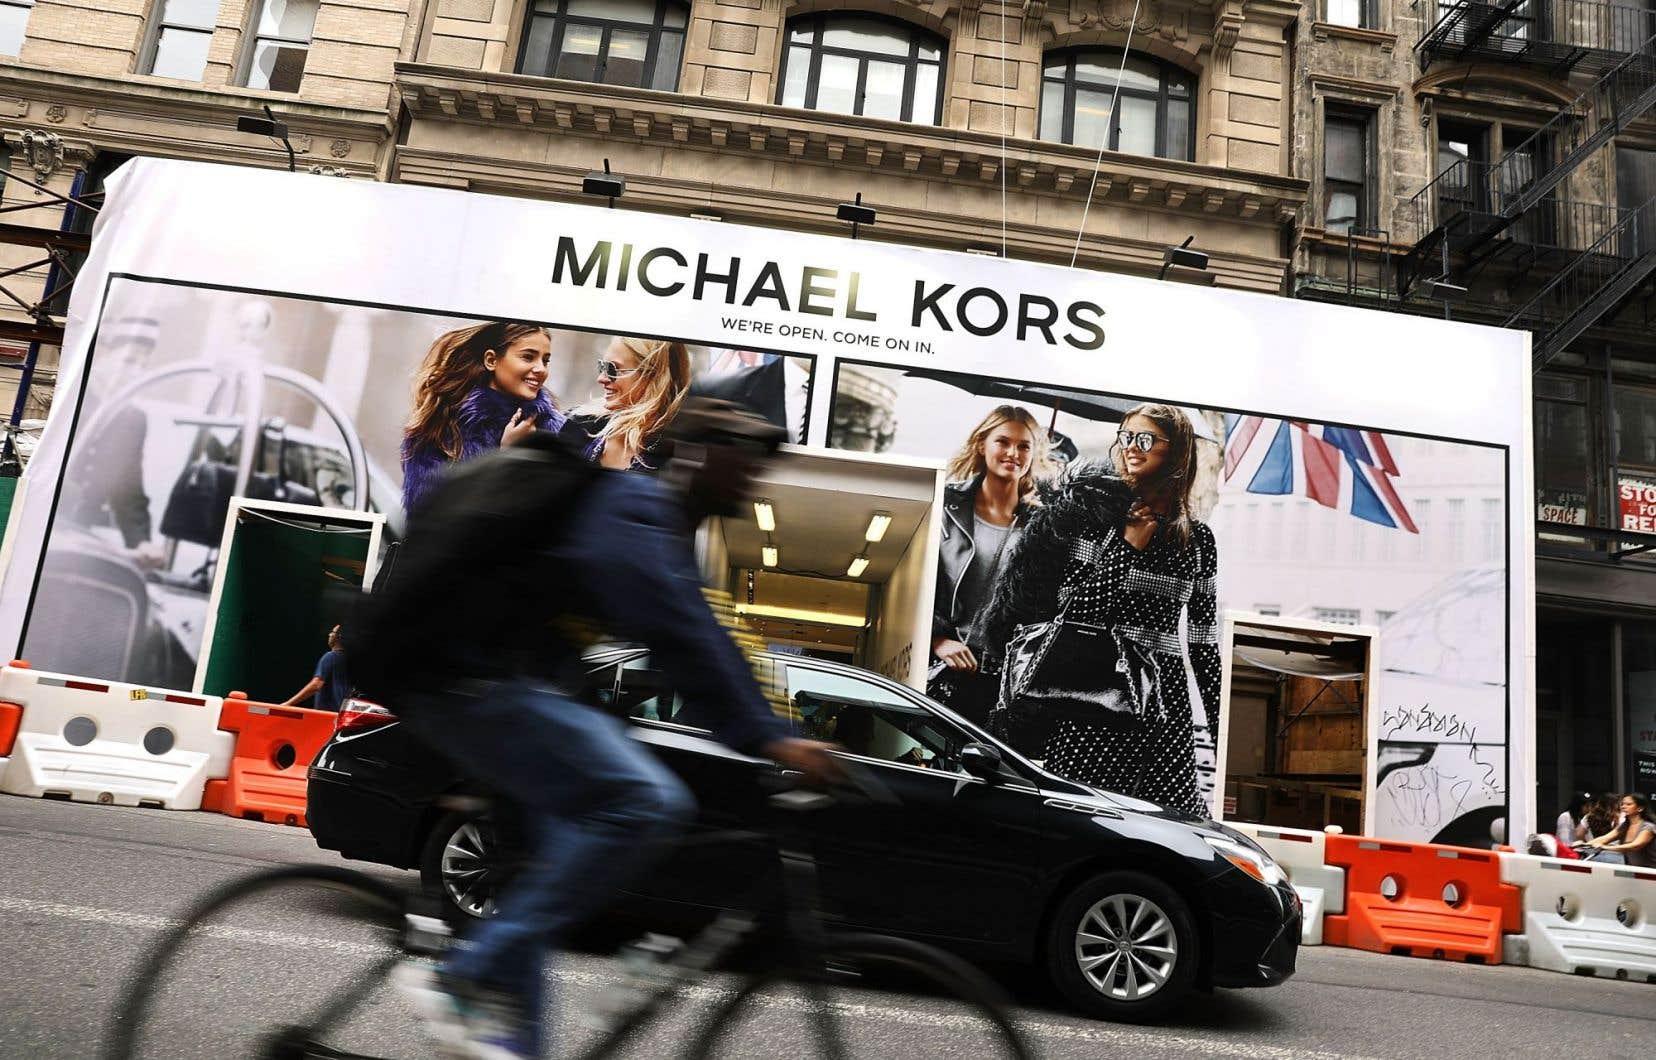 Michael Kors entend conserver la direction actuelle de Jimmy Choo et développer la société par l'ouverture de nouvelles boutiques et la vente en ligne.